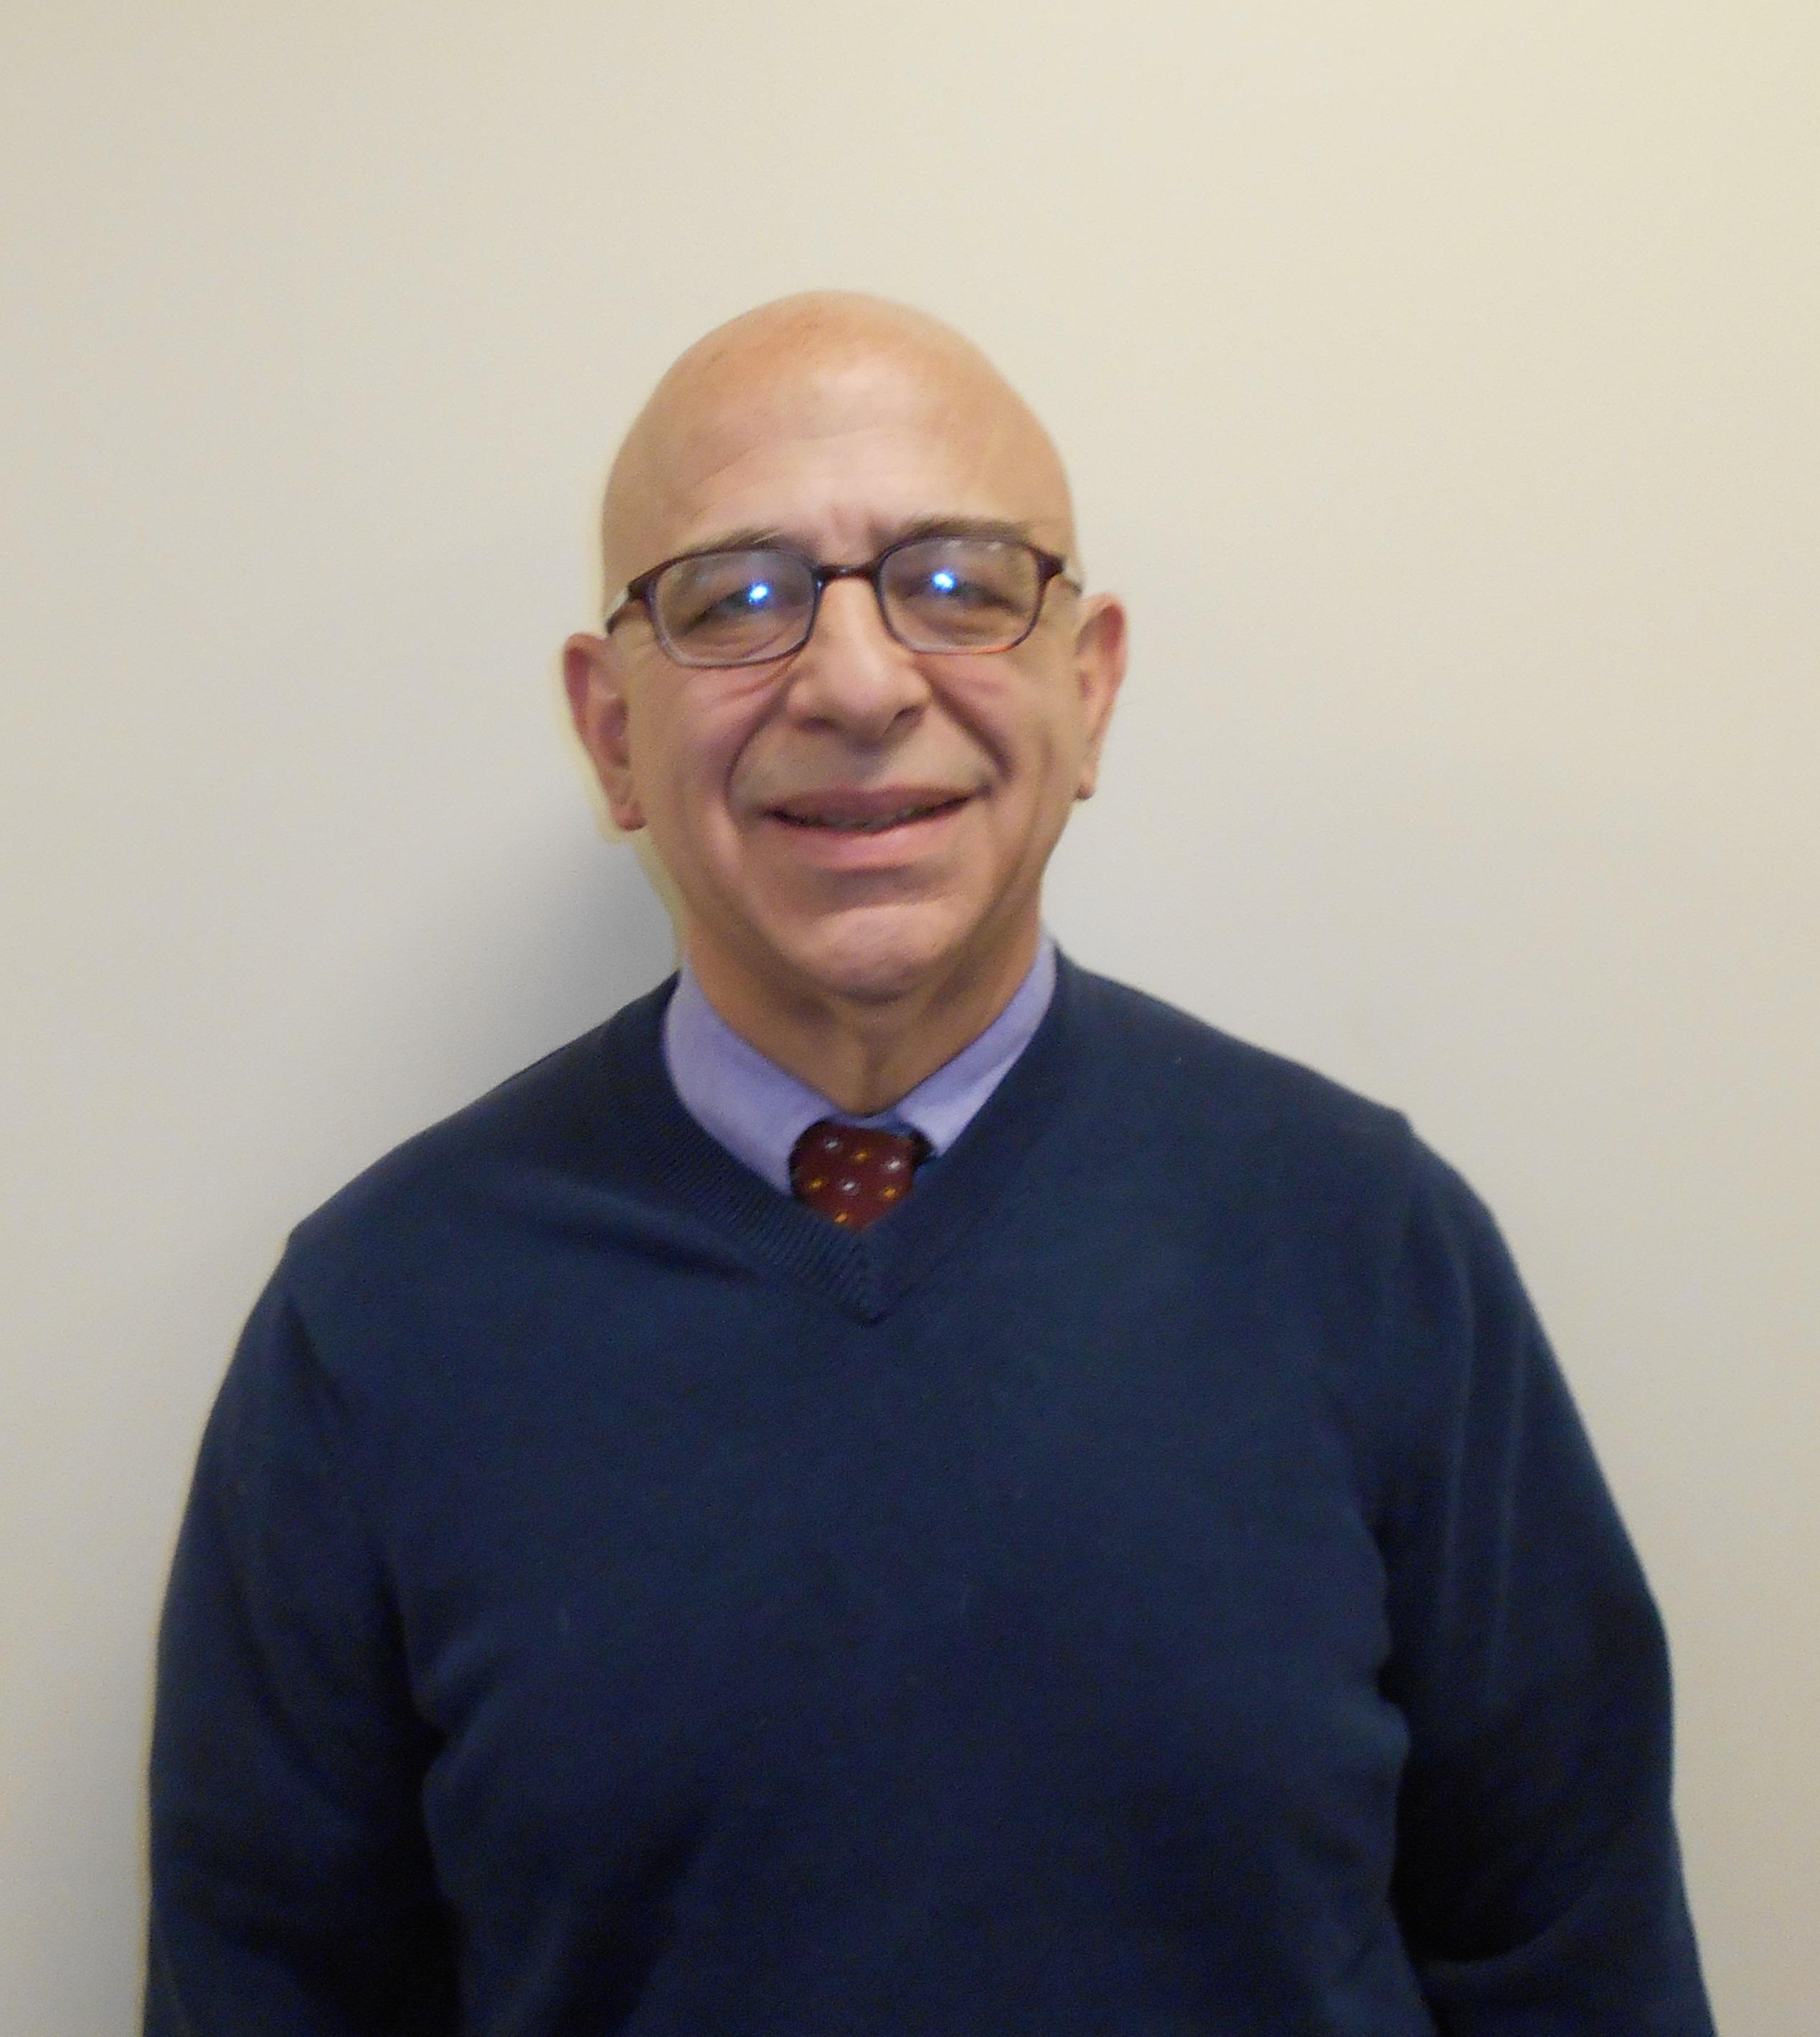 Michael Siclari, MD